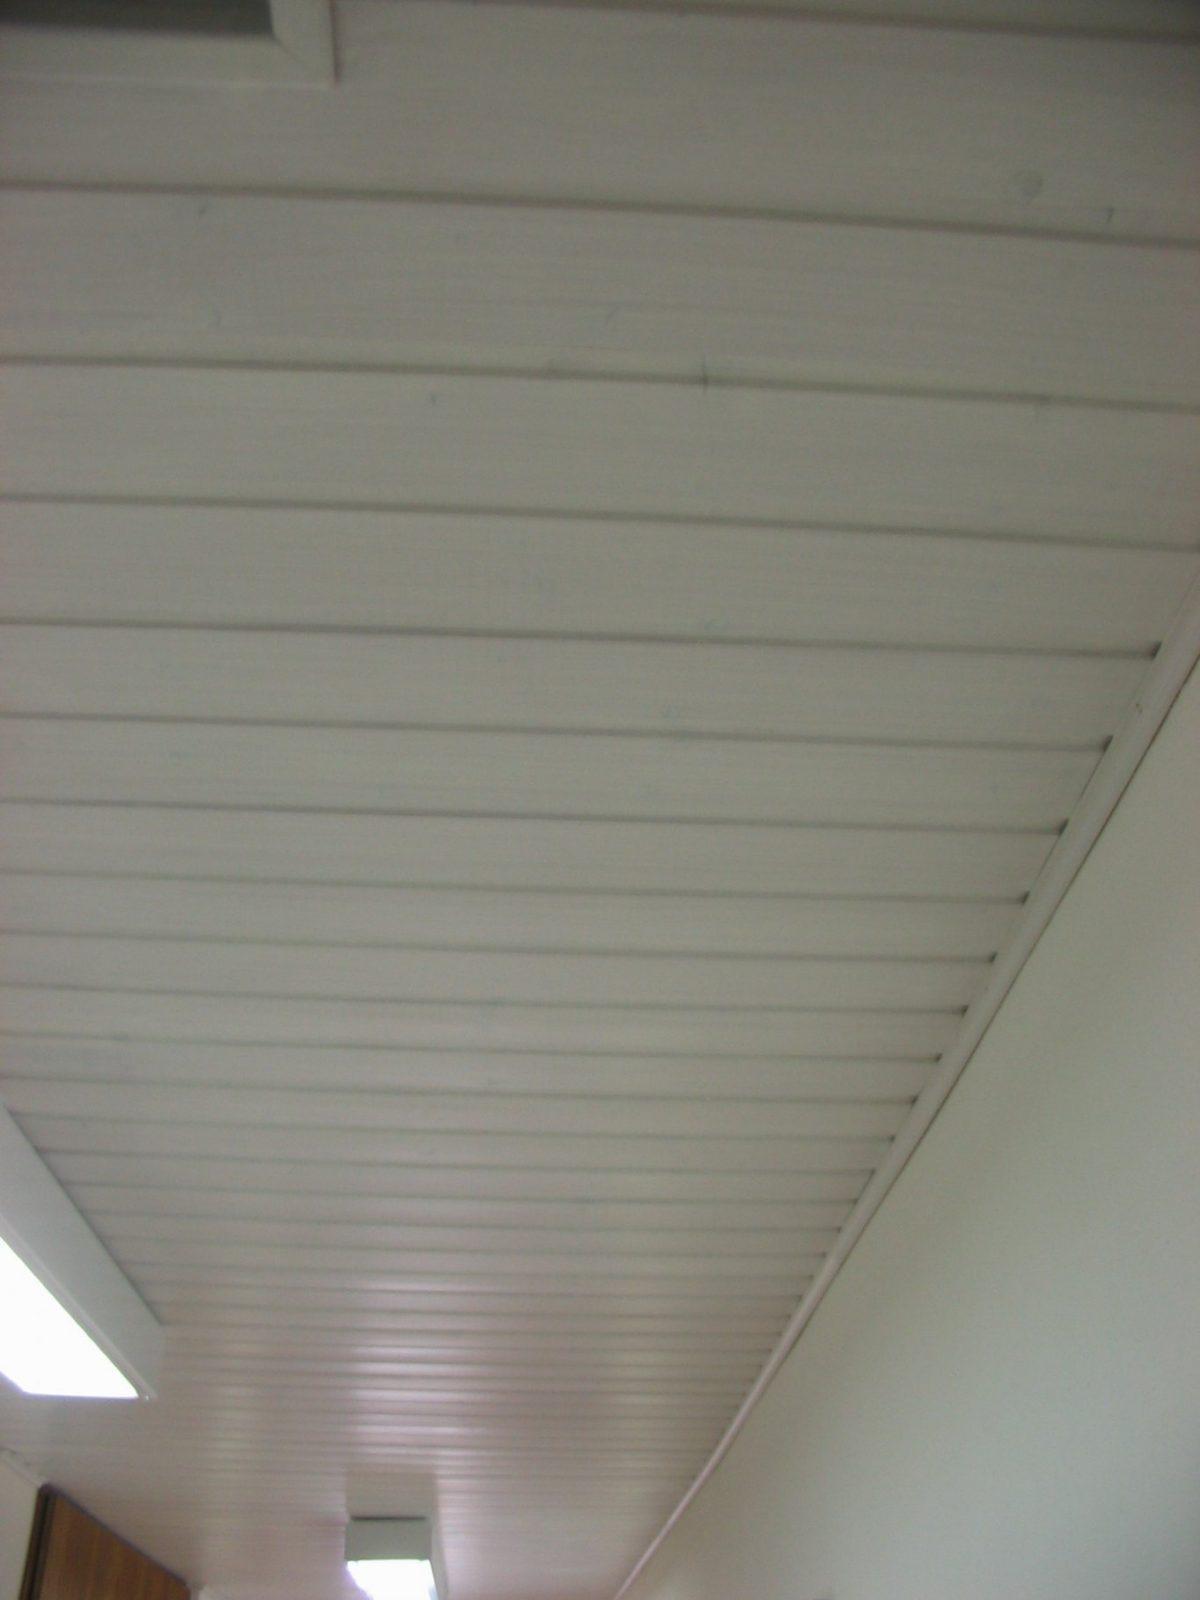 Lackierte Holzdecke Weiß Streichen – Ohne Abschleifen Möglich von Braune Holzdecke Weiß Streichen Bild